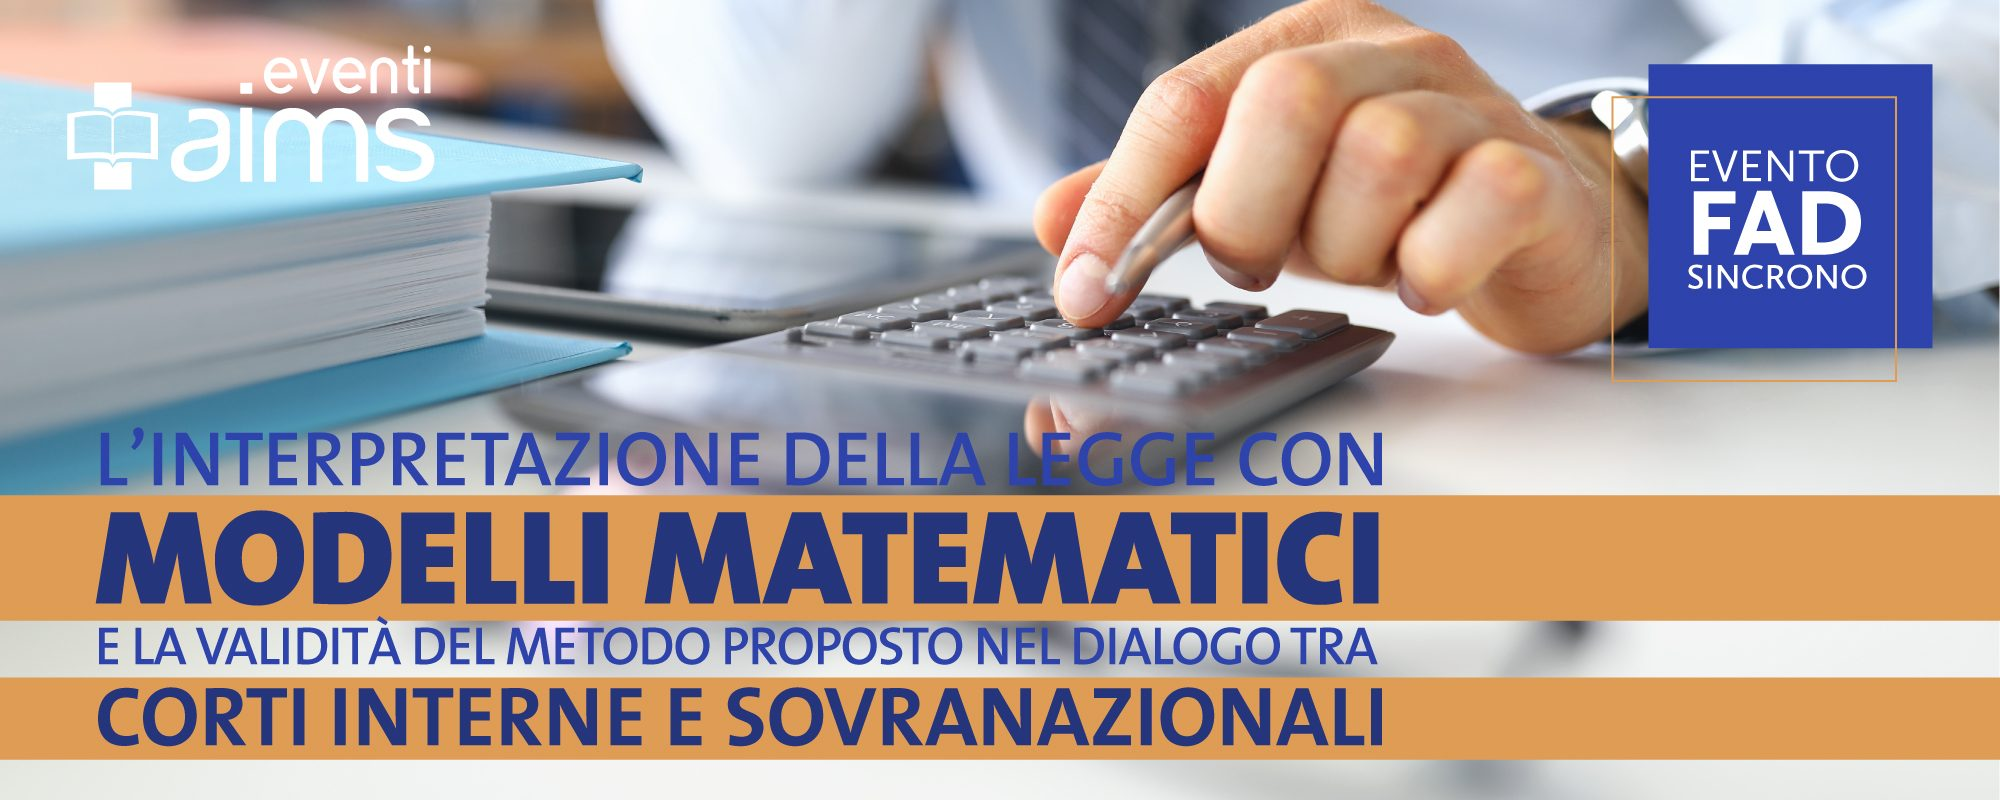 visual-sito-SP-modelli-matematici